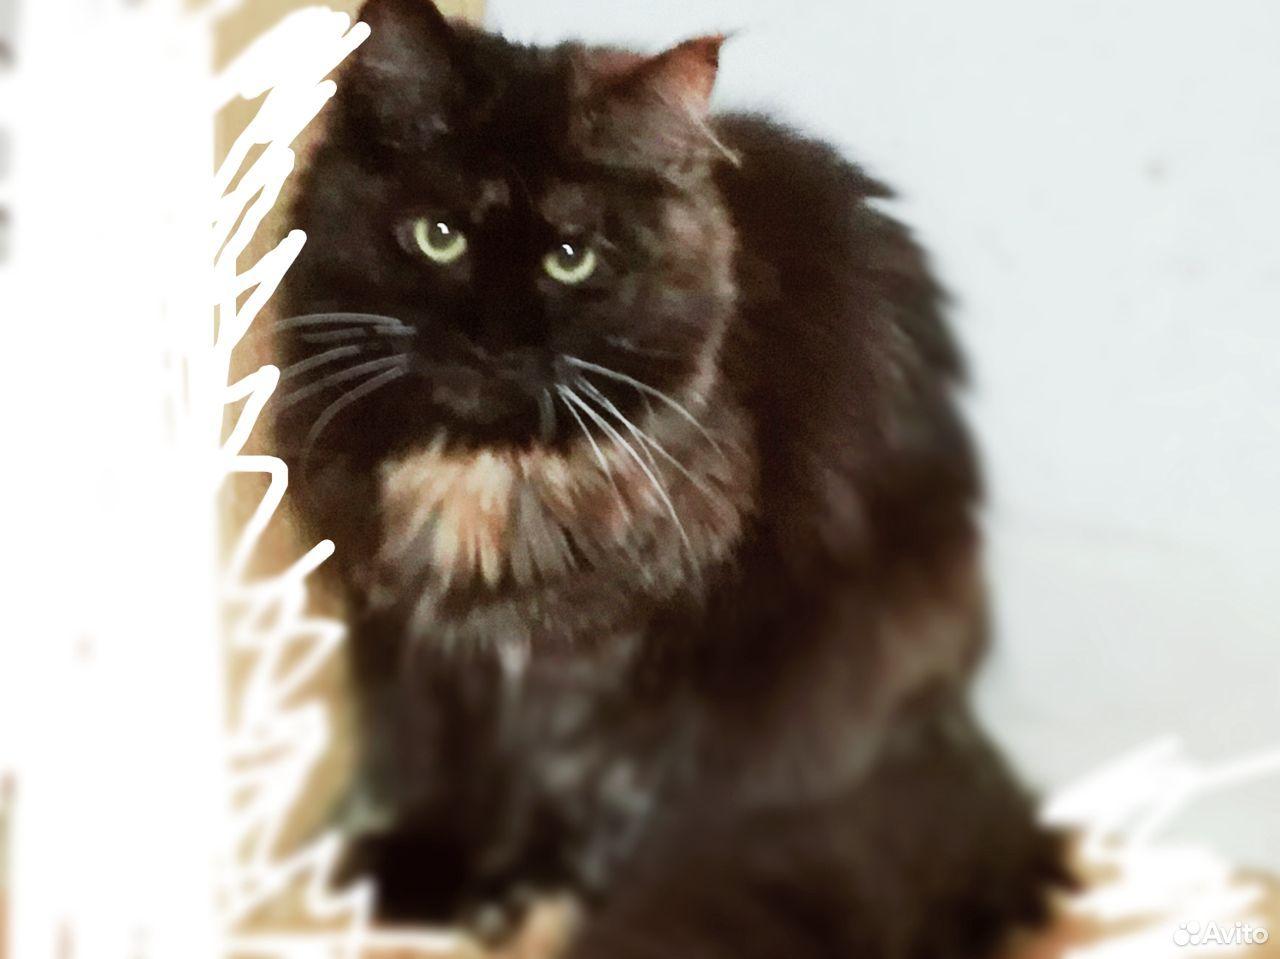 Кошка Мейн кун и бенгалы  89028915438 купить 2